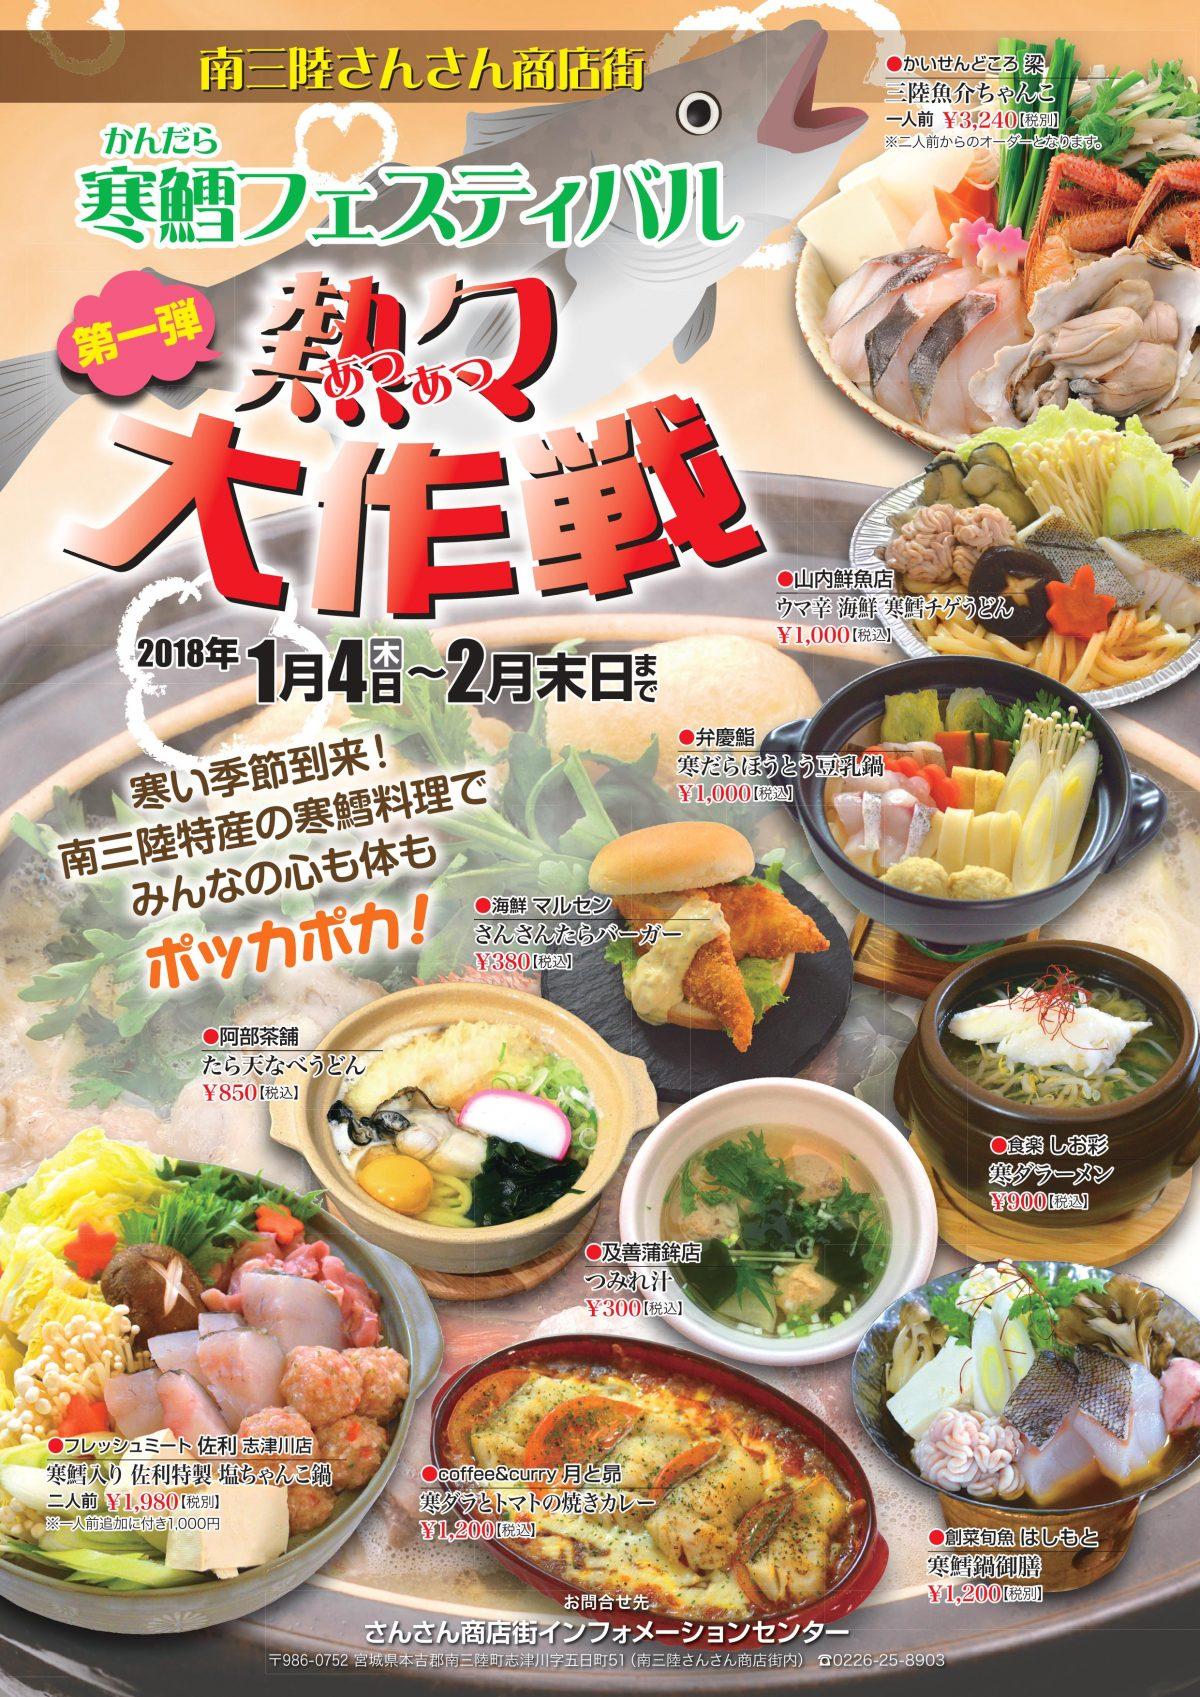 来年1月~2月『南三陸さんさん商店街 寒鱈フェスティバル~第一弾 熱々大作戦~』を開催決定!